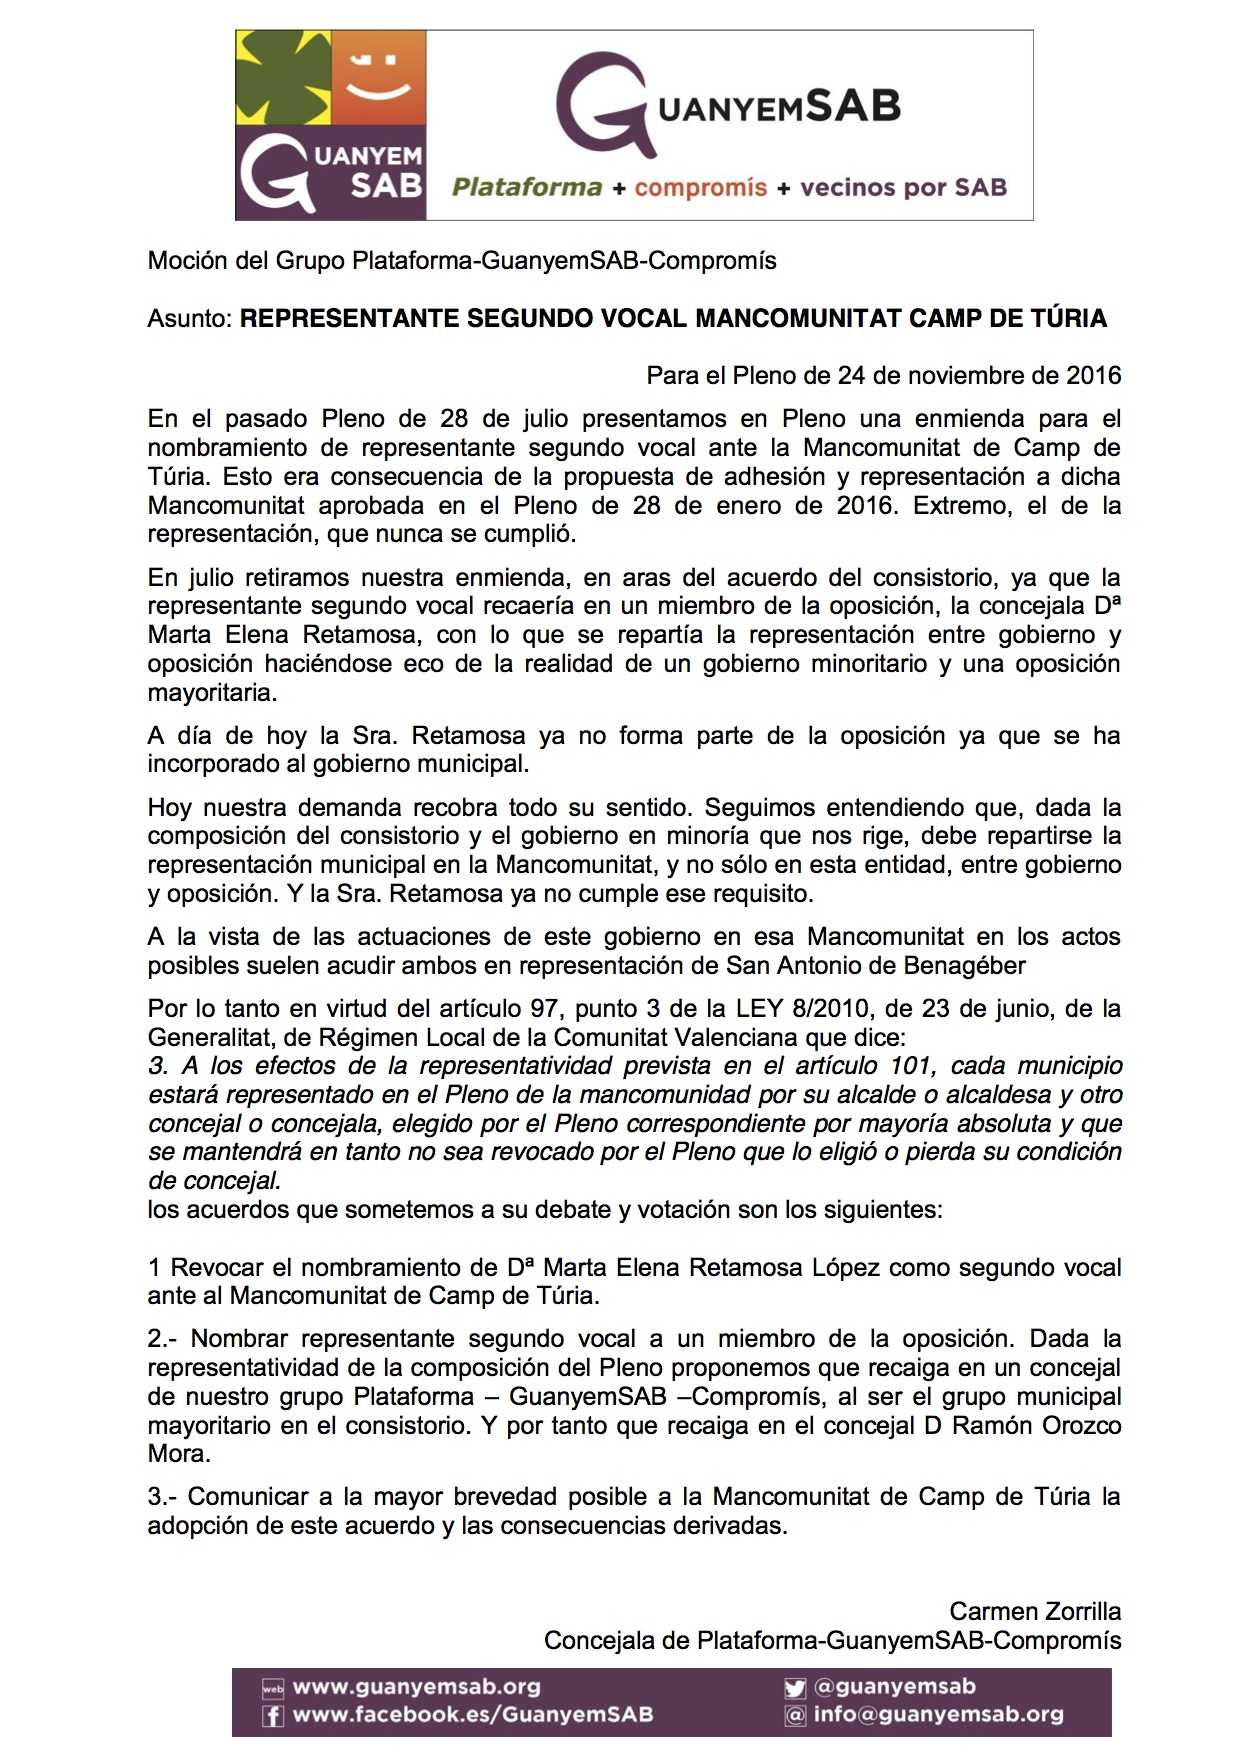 06-mocion-propuesta-representante-suplente-mancomunitat-camp-turia-nov-2016